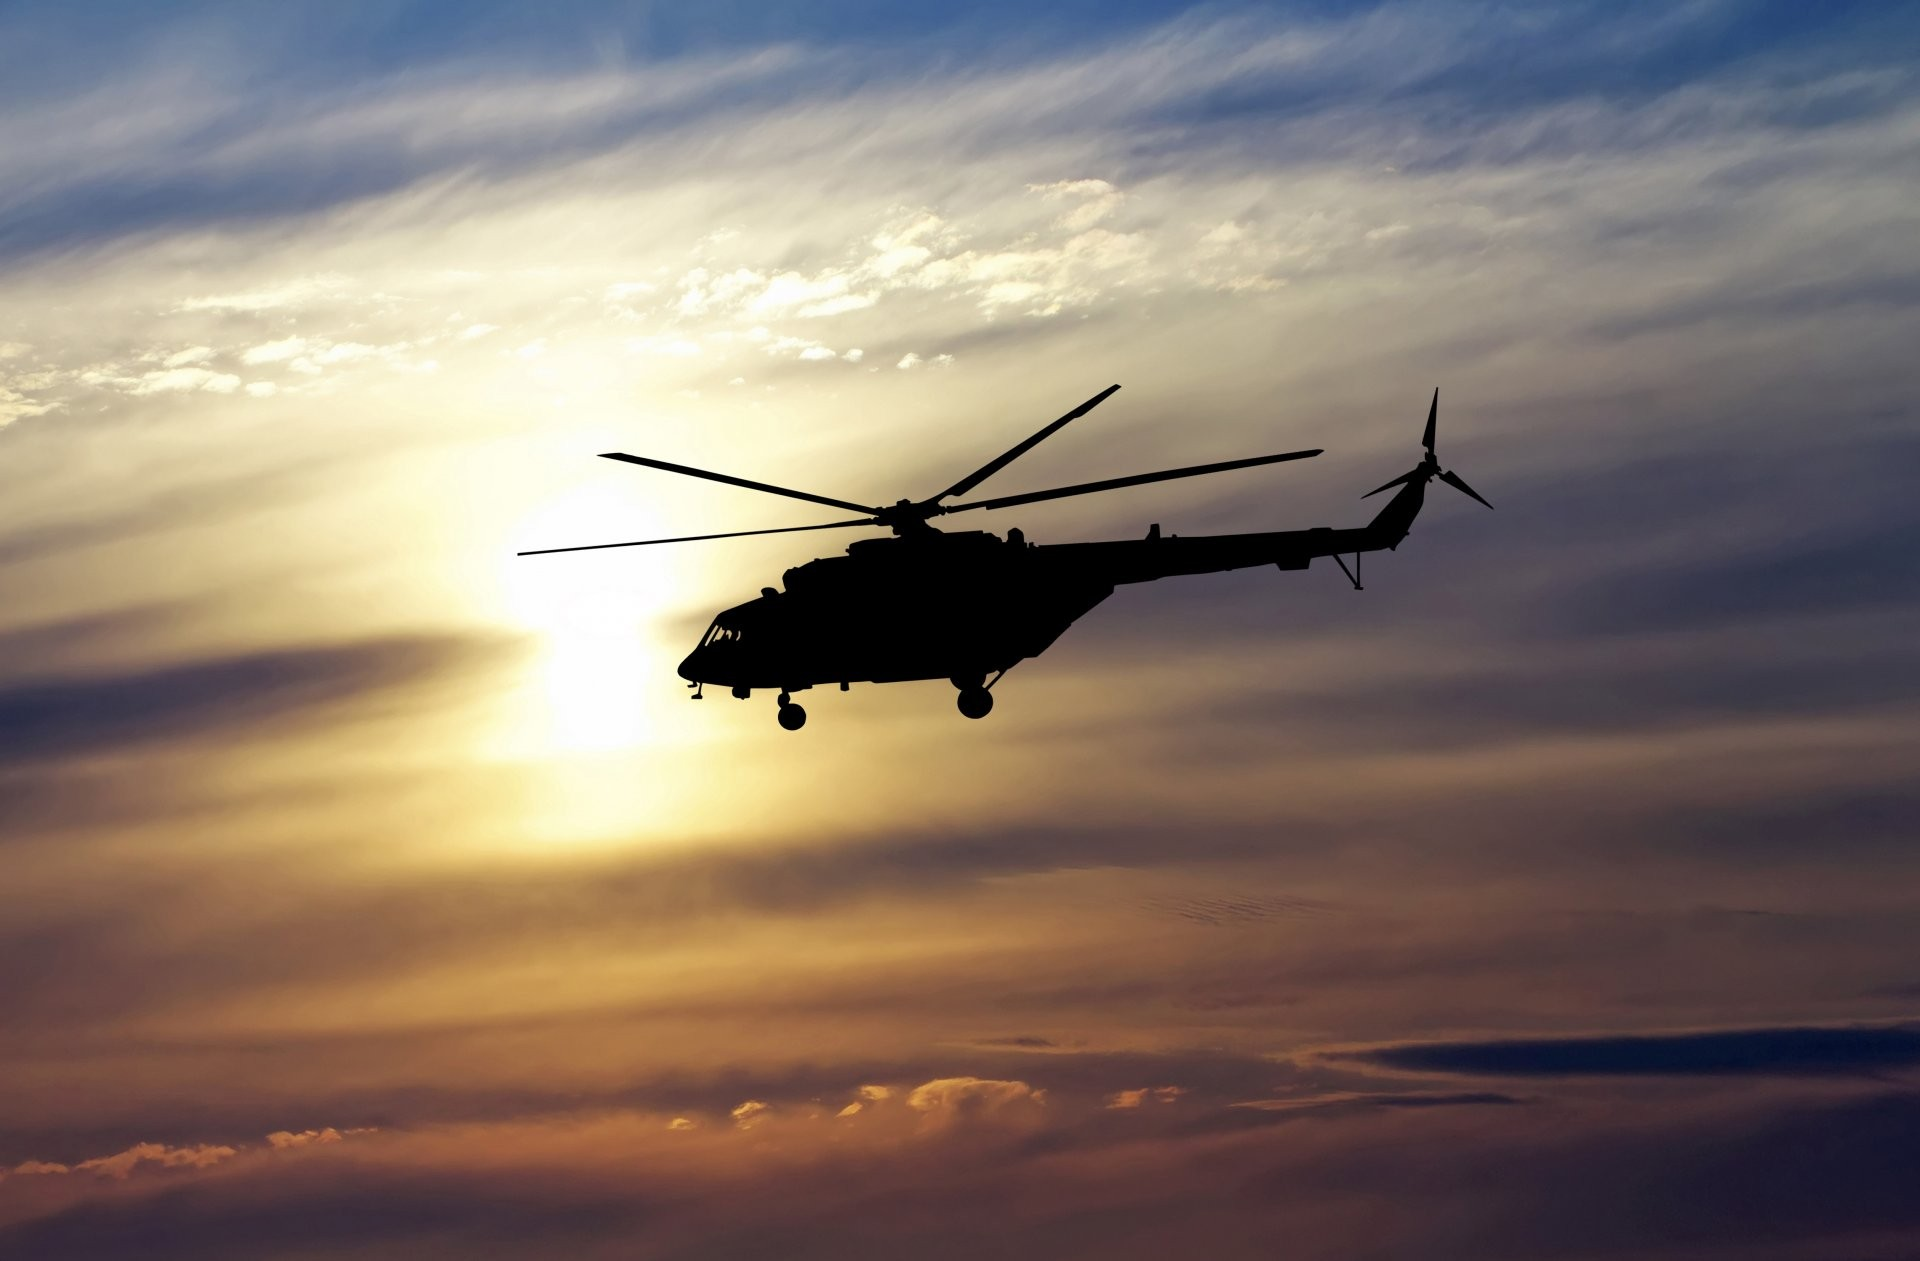 Авиаполк ЗВО получил самый грузоподъемный вмире вертолет